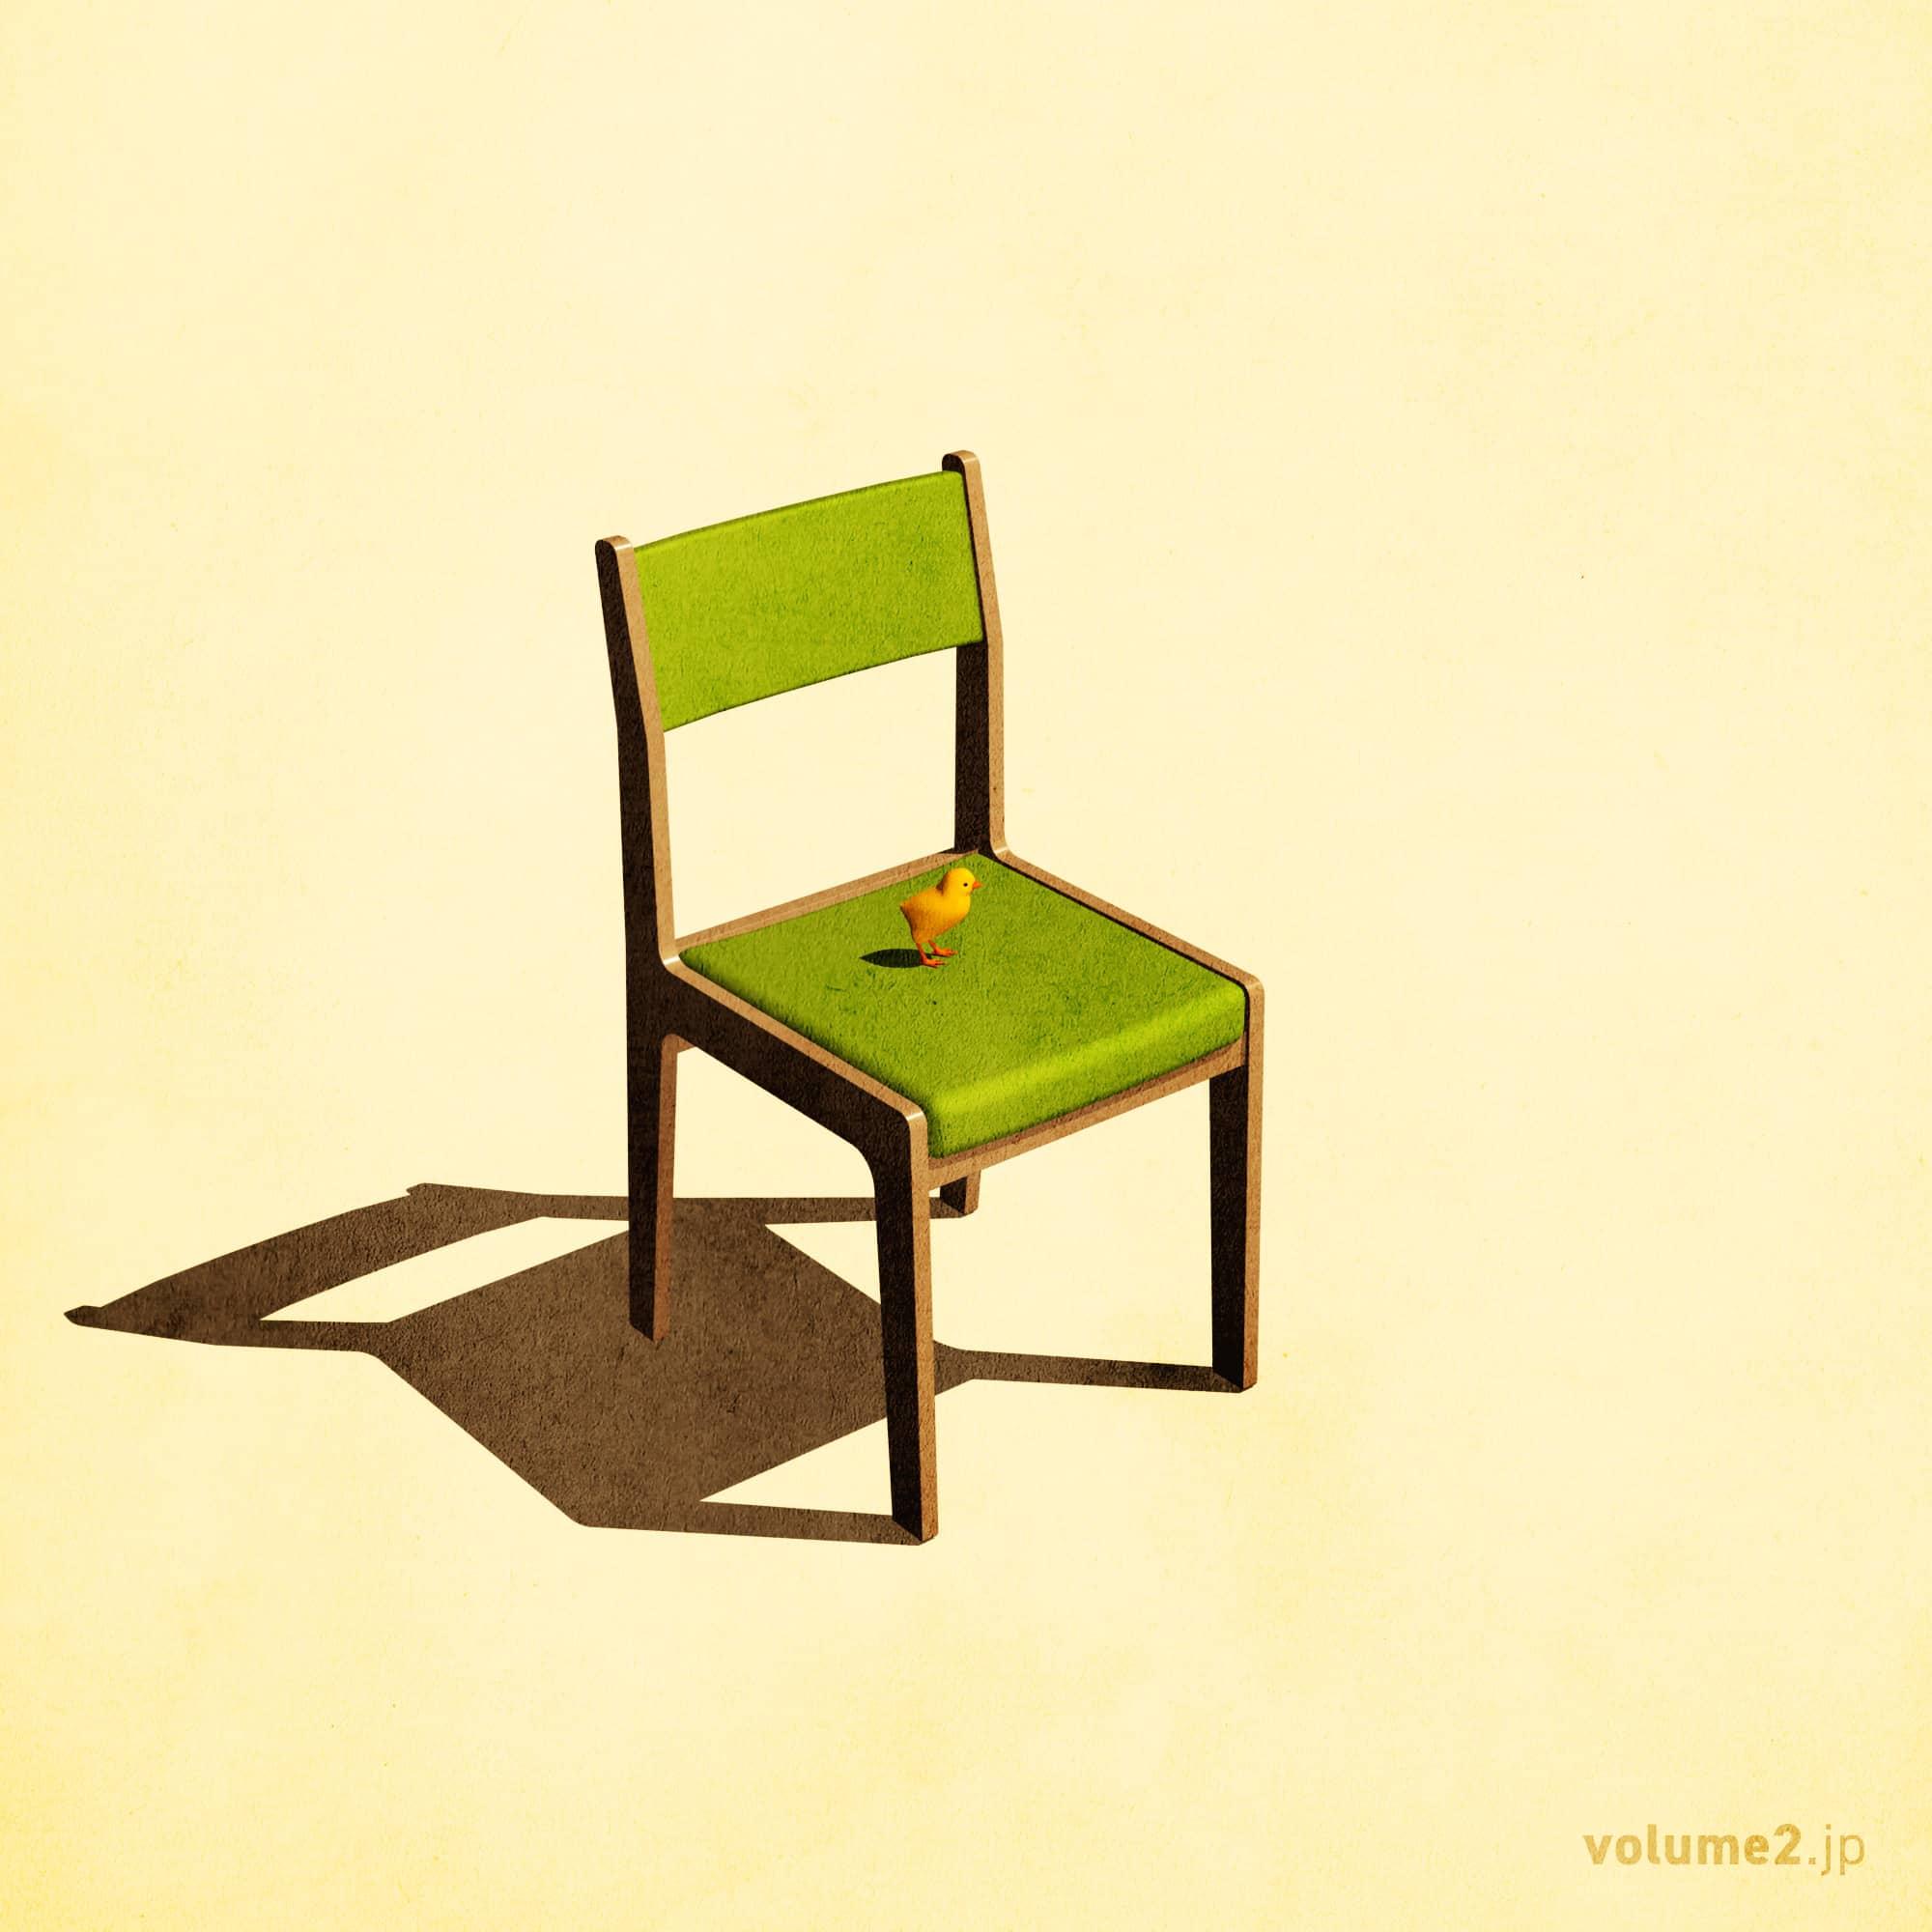 椅子とヒヨコ